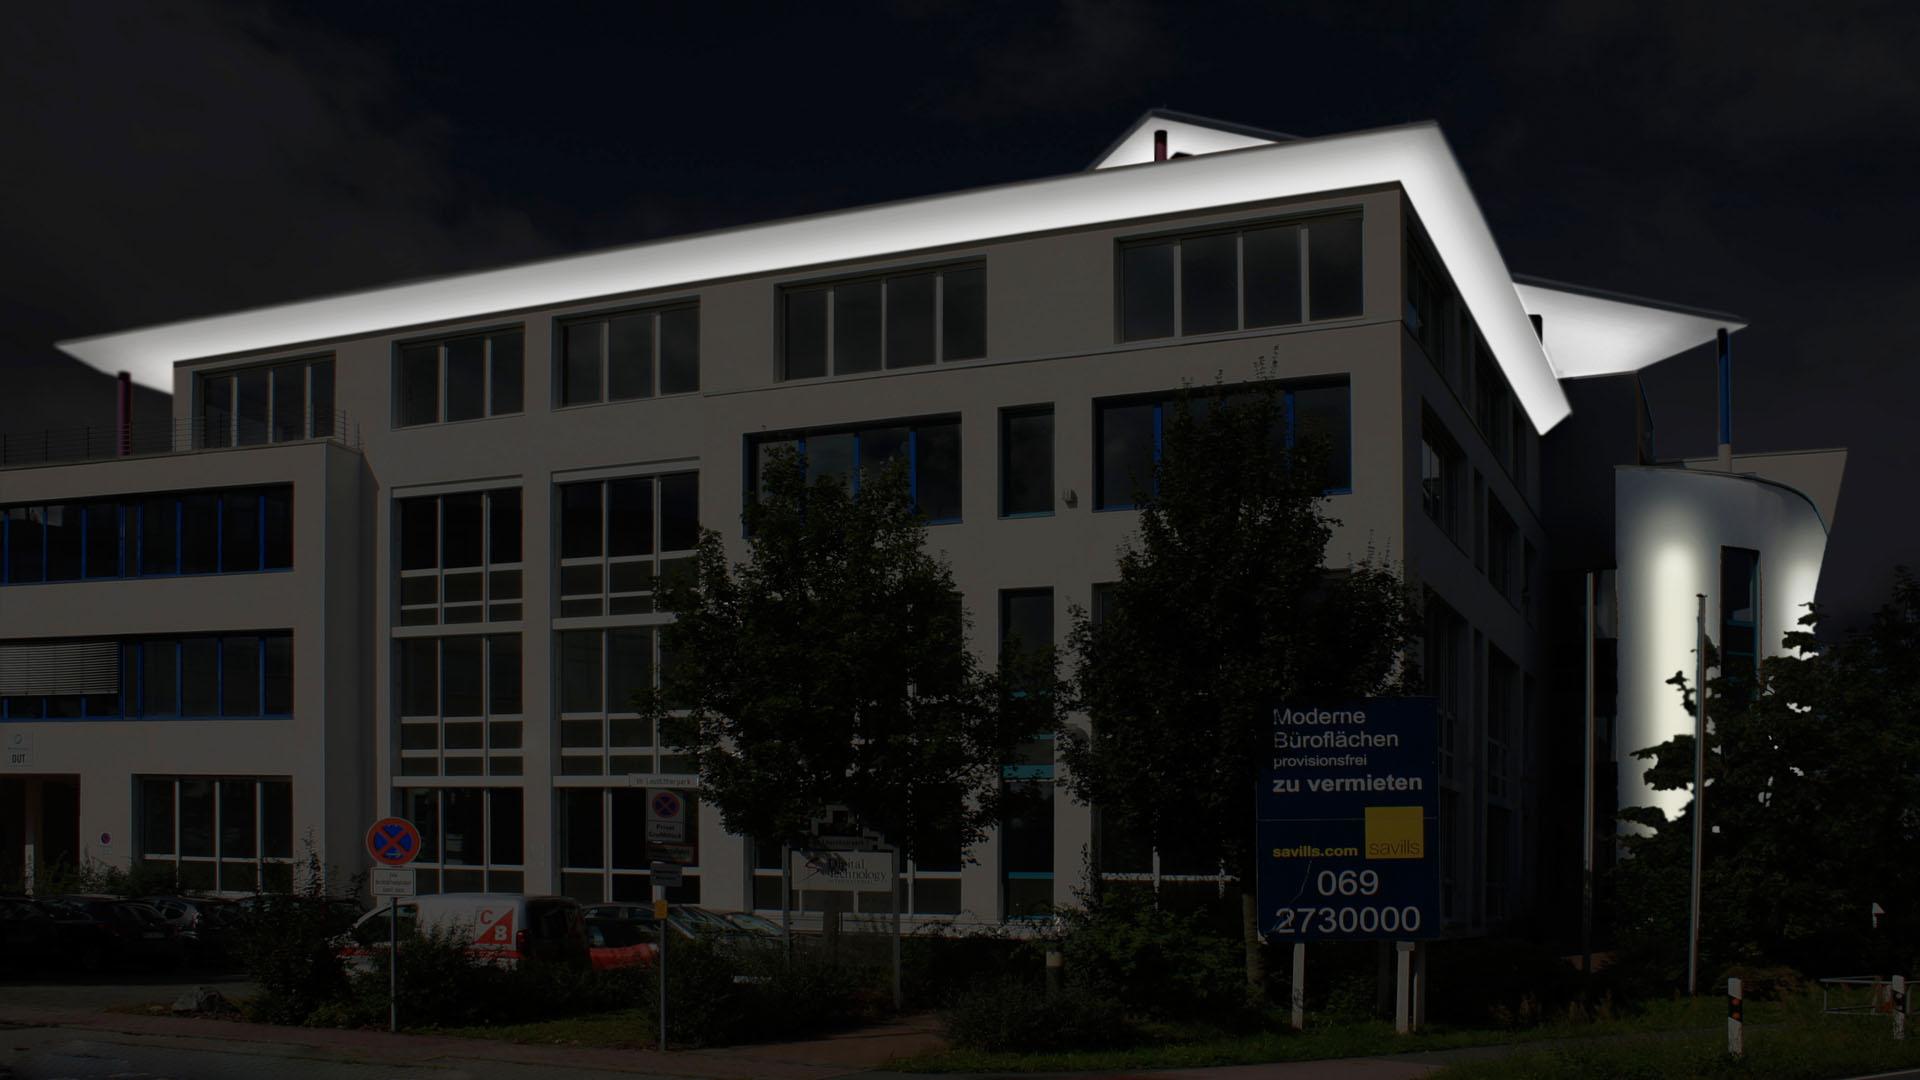 MAASS-Lichtplanung_Fassadenillumination in Darmstadt__MAASS-Leuschner-Park-002